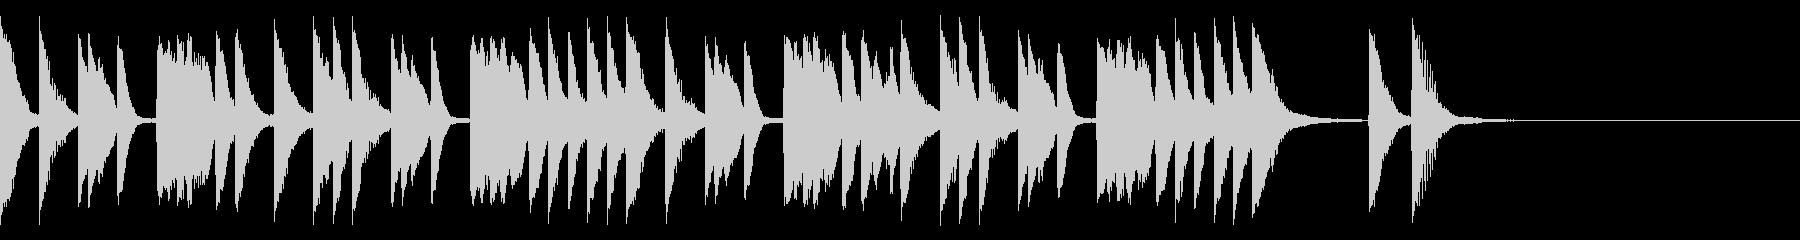 キュートでポップ はじけるピアノソロの未再生の波形